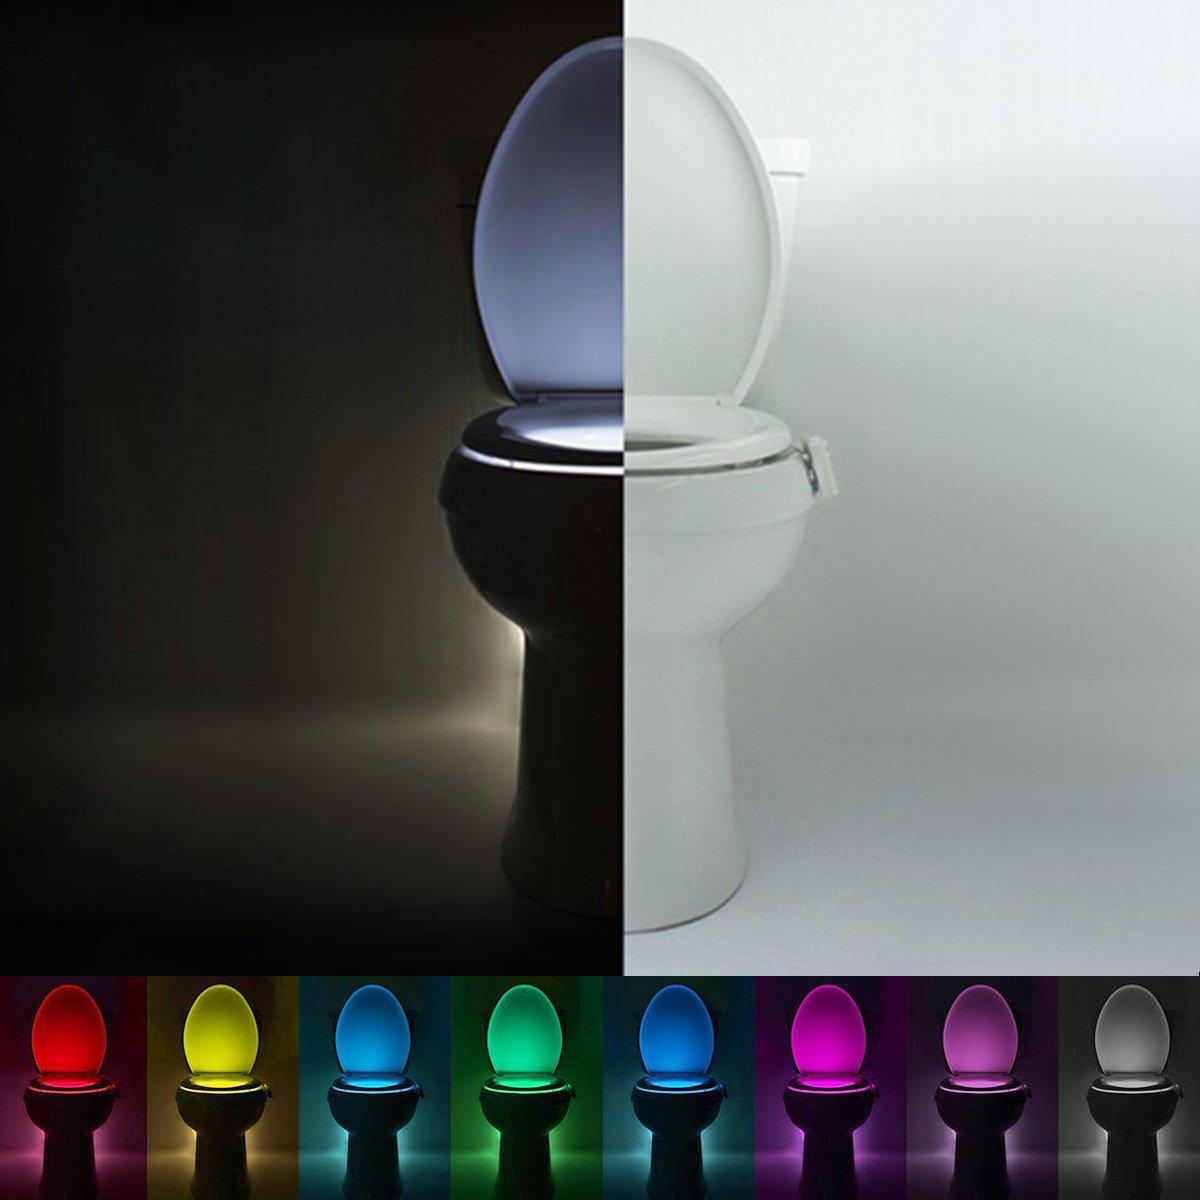 Flying Rabbit Drei Arten WC Nachtlicht LED Toilette Licht Lampe Sitz Beleuchtung mit Lichtsensor Bewegungssensor Batteriebetriebenes Toilettenlicht fü r Kinder Eltern Badezimmer Hause (8 colors)